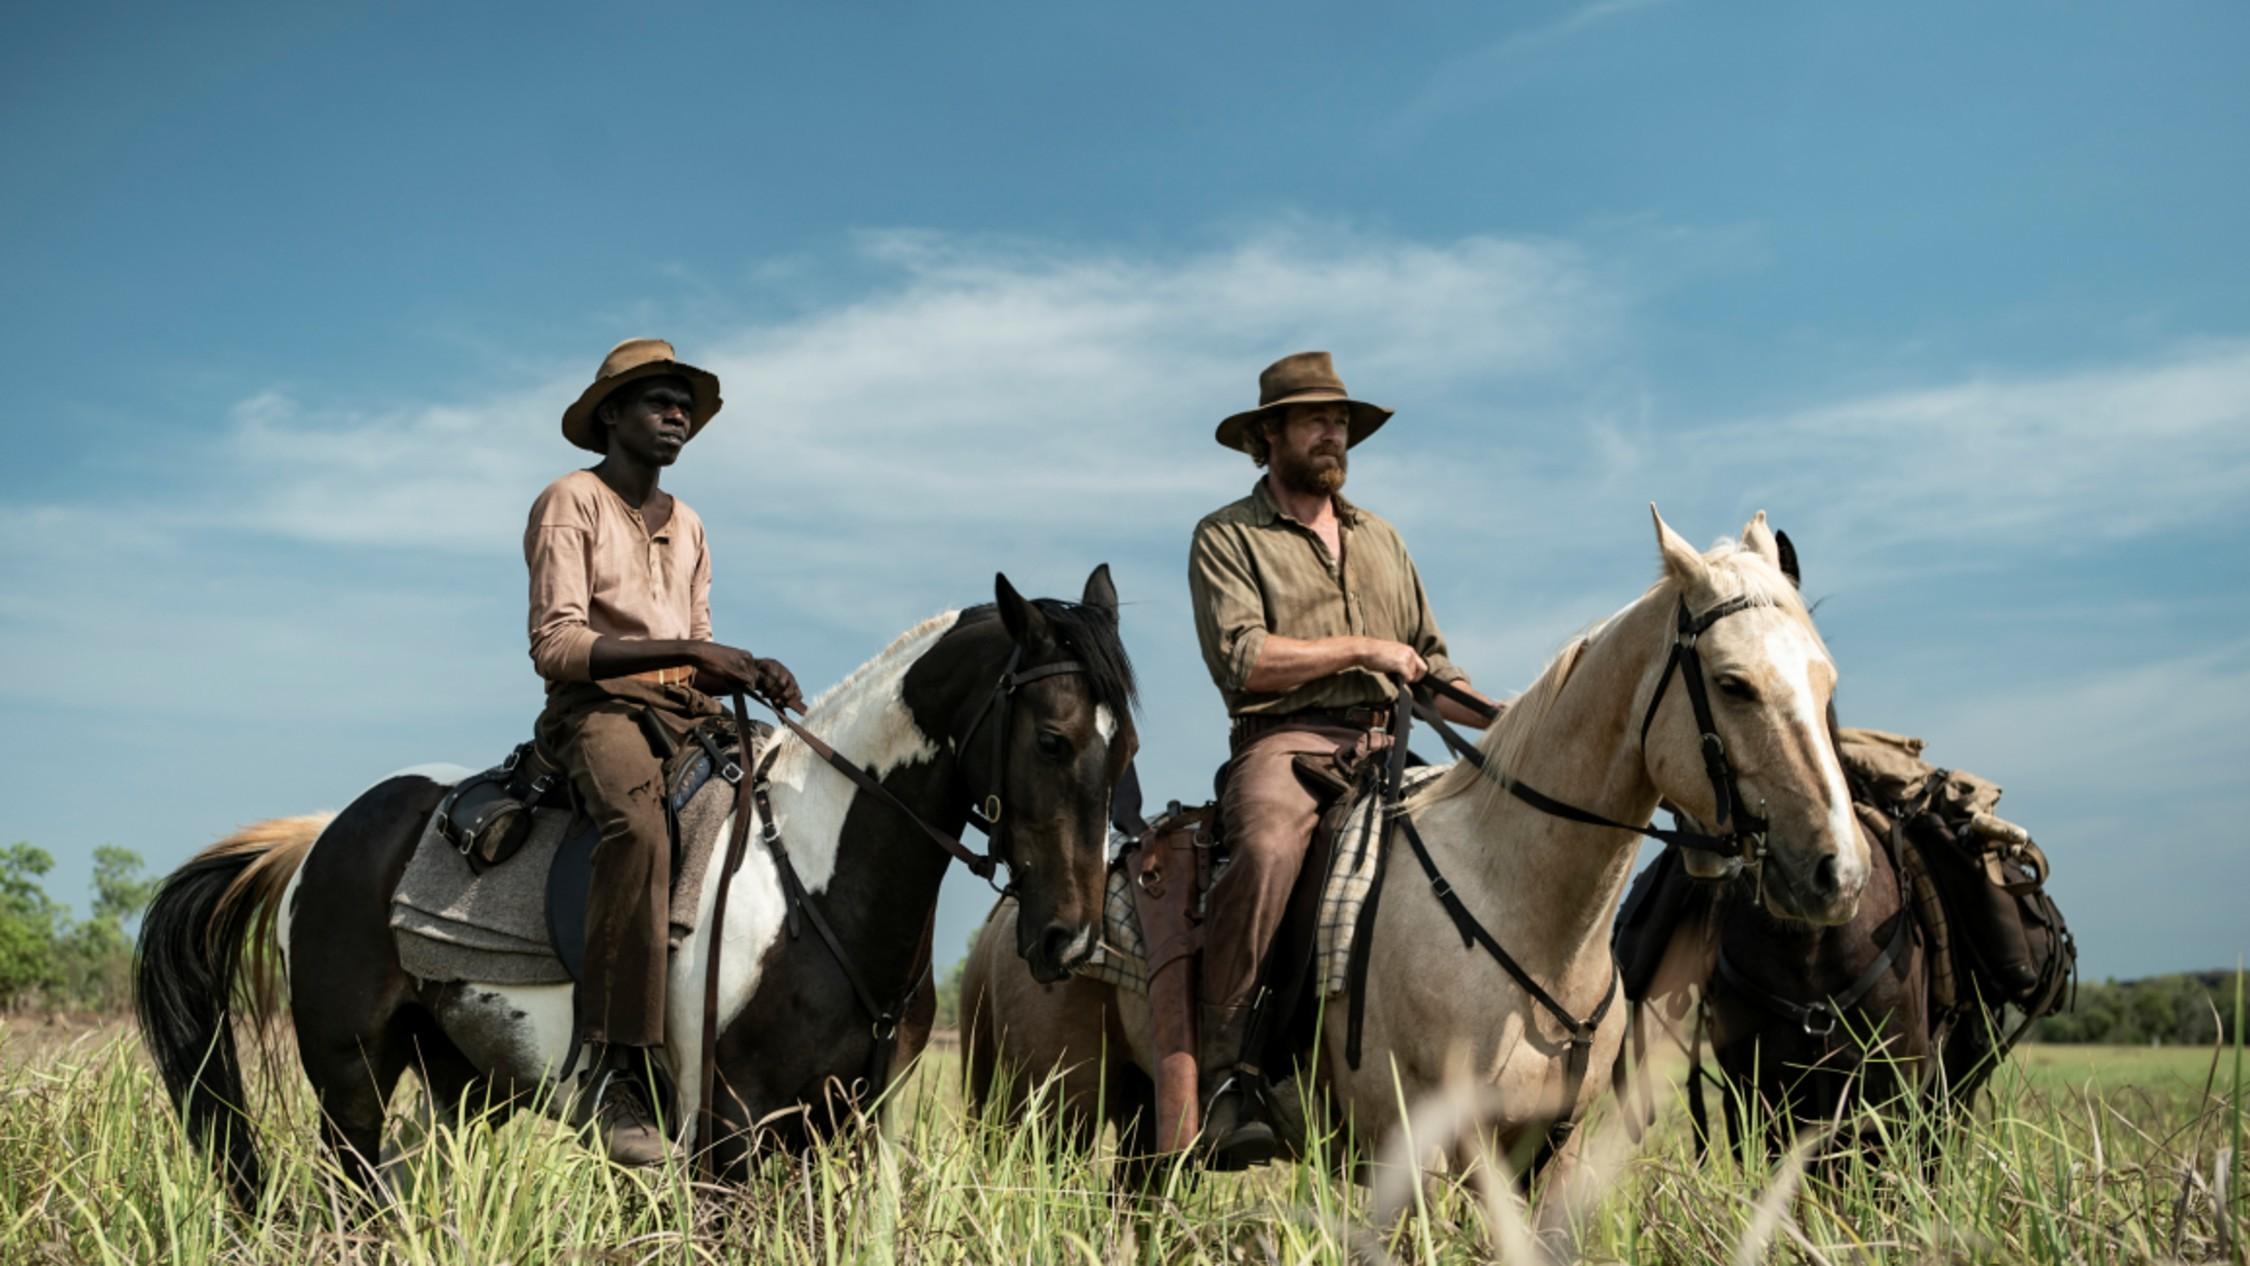 Two Australian cowboys on horseback